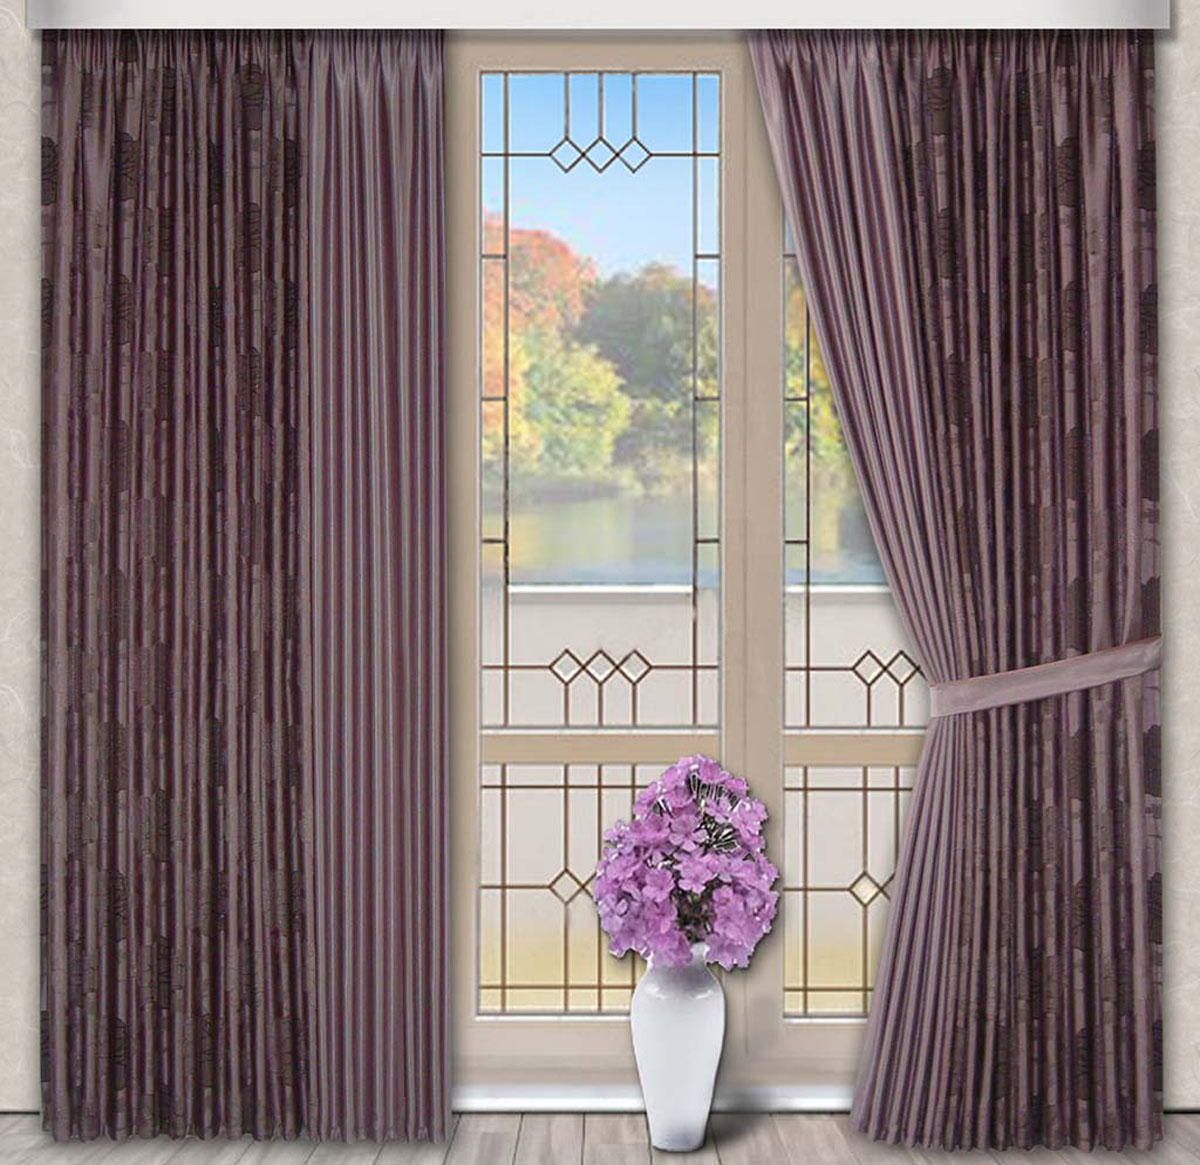 Комплект штор Роза, на ленте, цвет: сиреневый, высота 270 см956251325Портьерная ткань с жаккардовым рисунком по краю и в центре однотонная. Стирка не более 30 градусов.